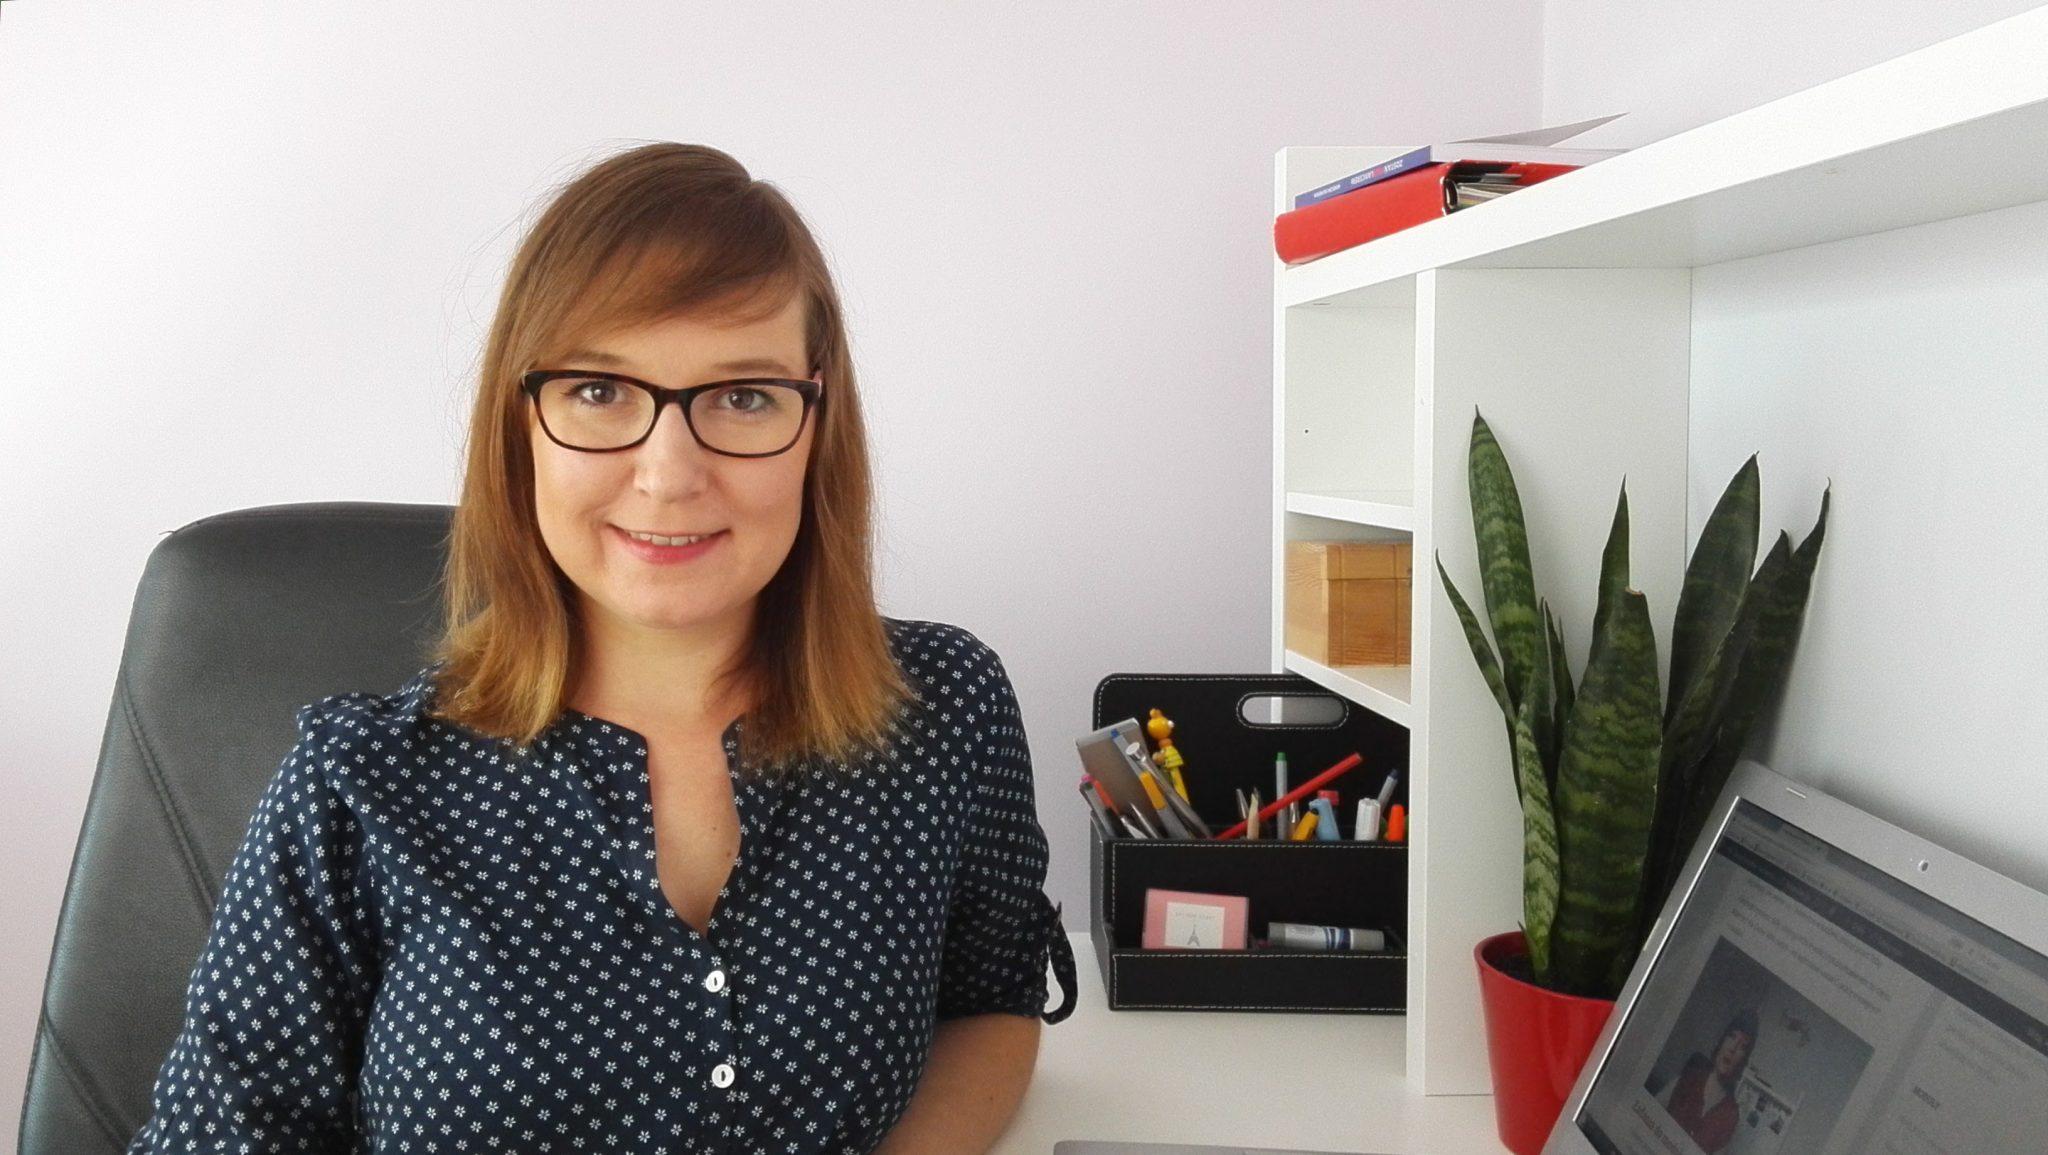 Agnieszka Skupienska